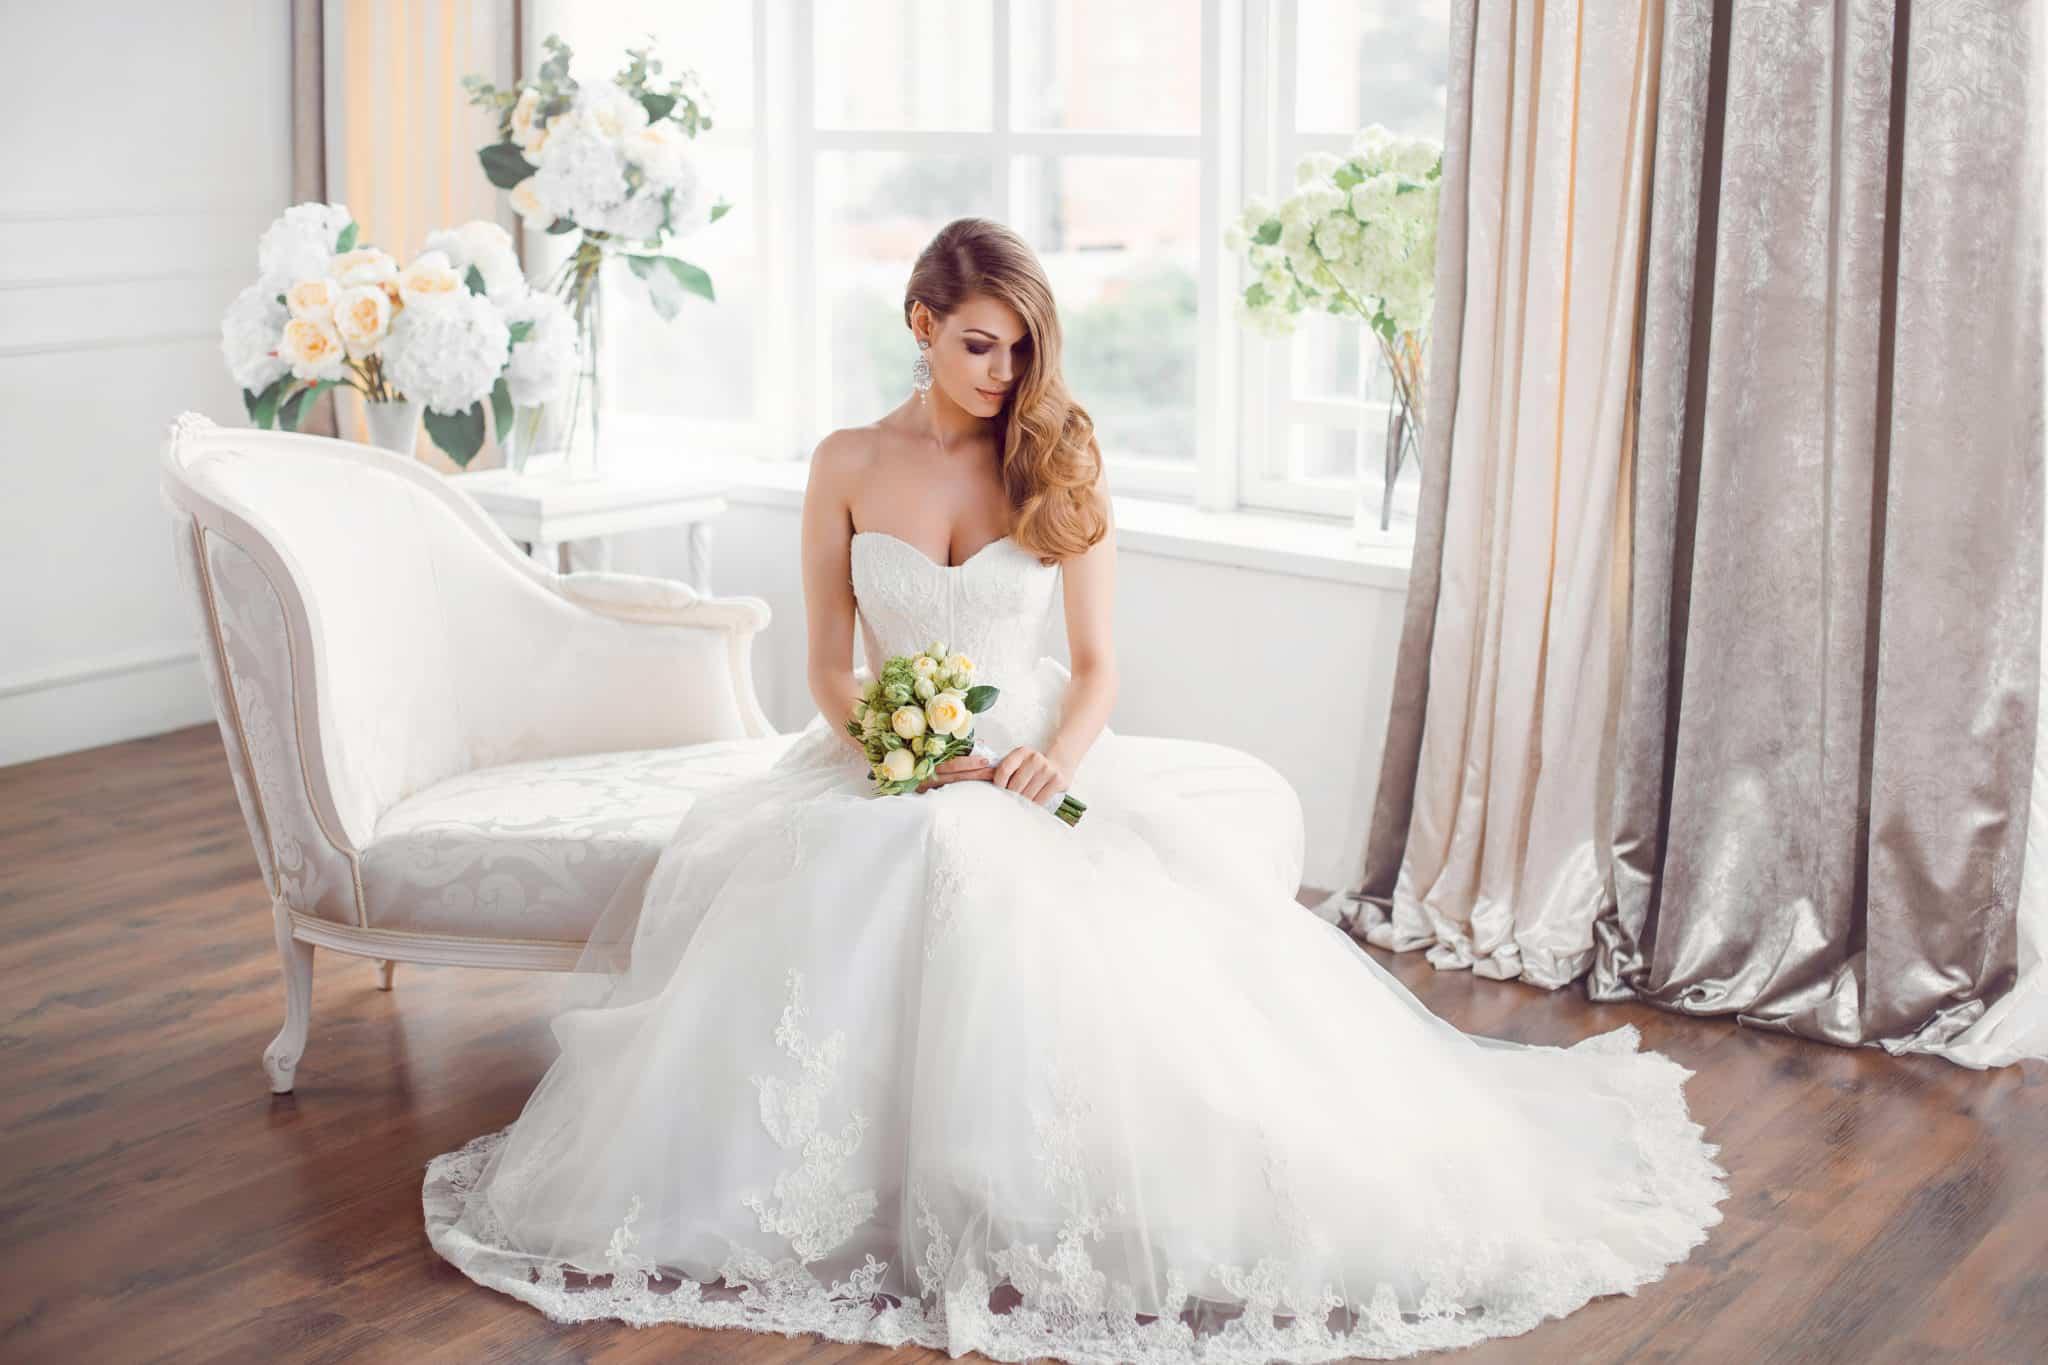 花嫁の美人フィリピン女性   国際結婚フィリピン